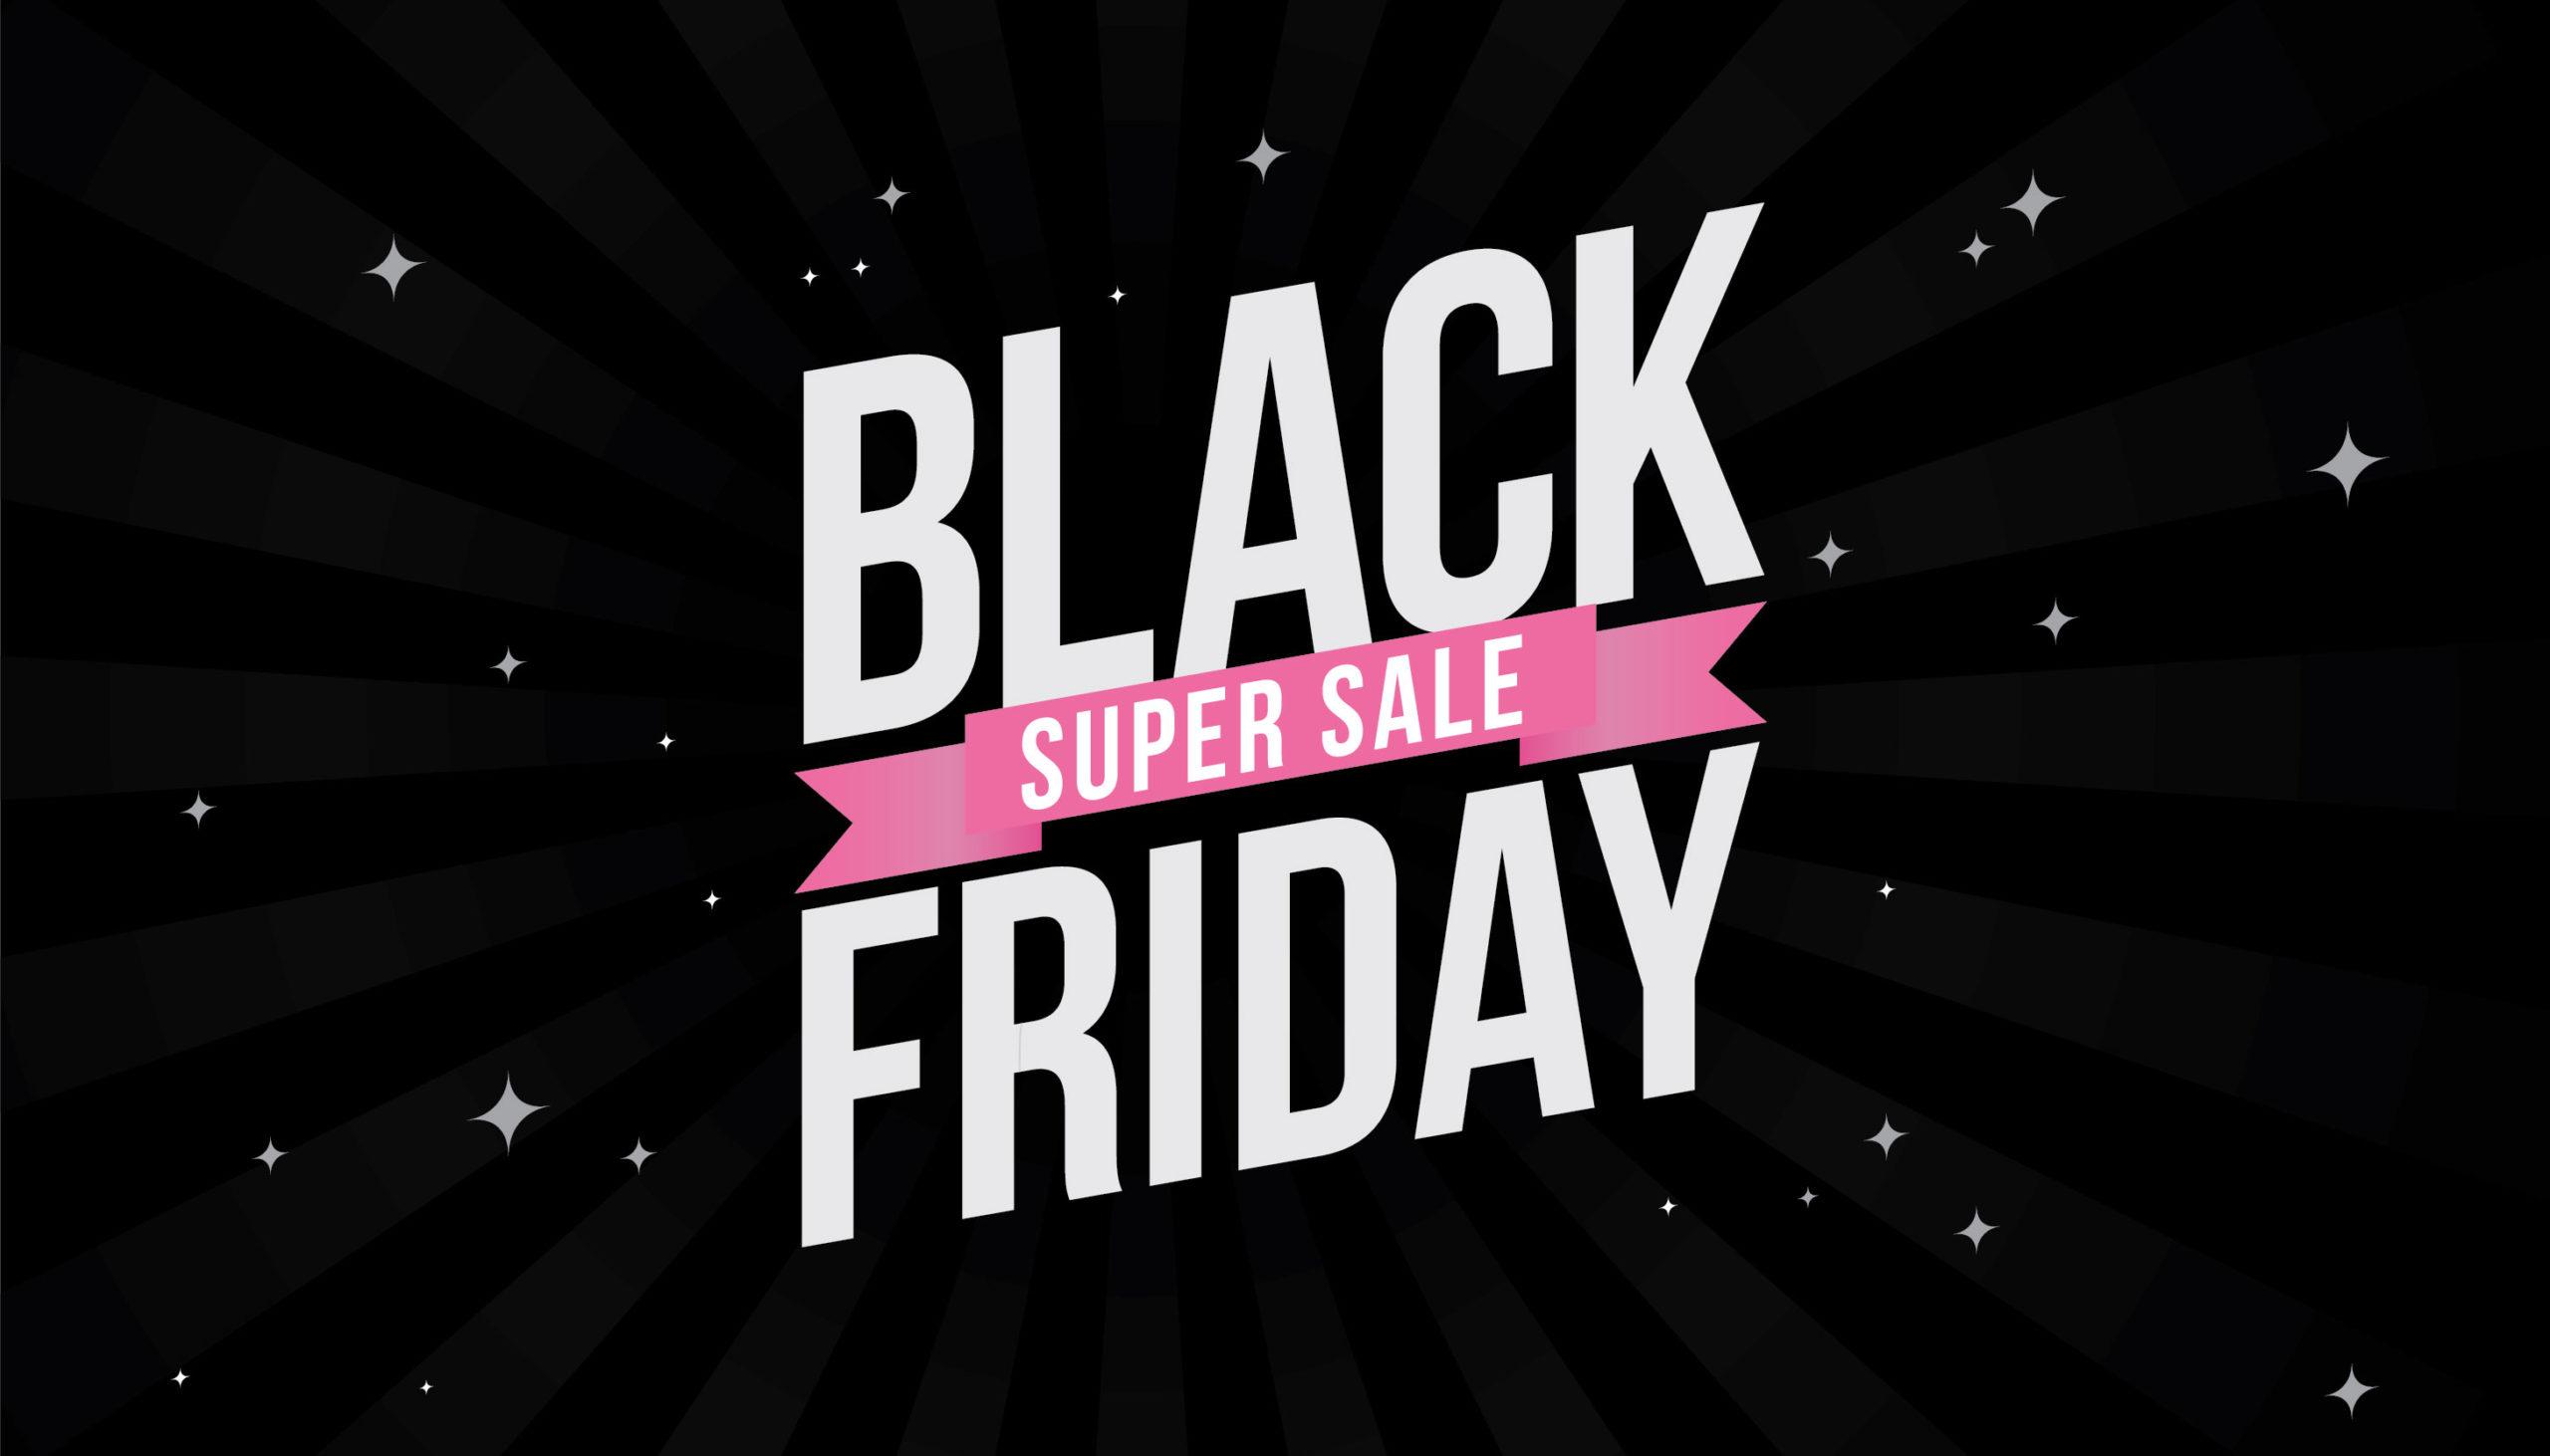 Onecom Black friday sale